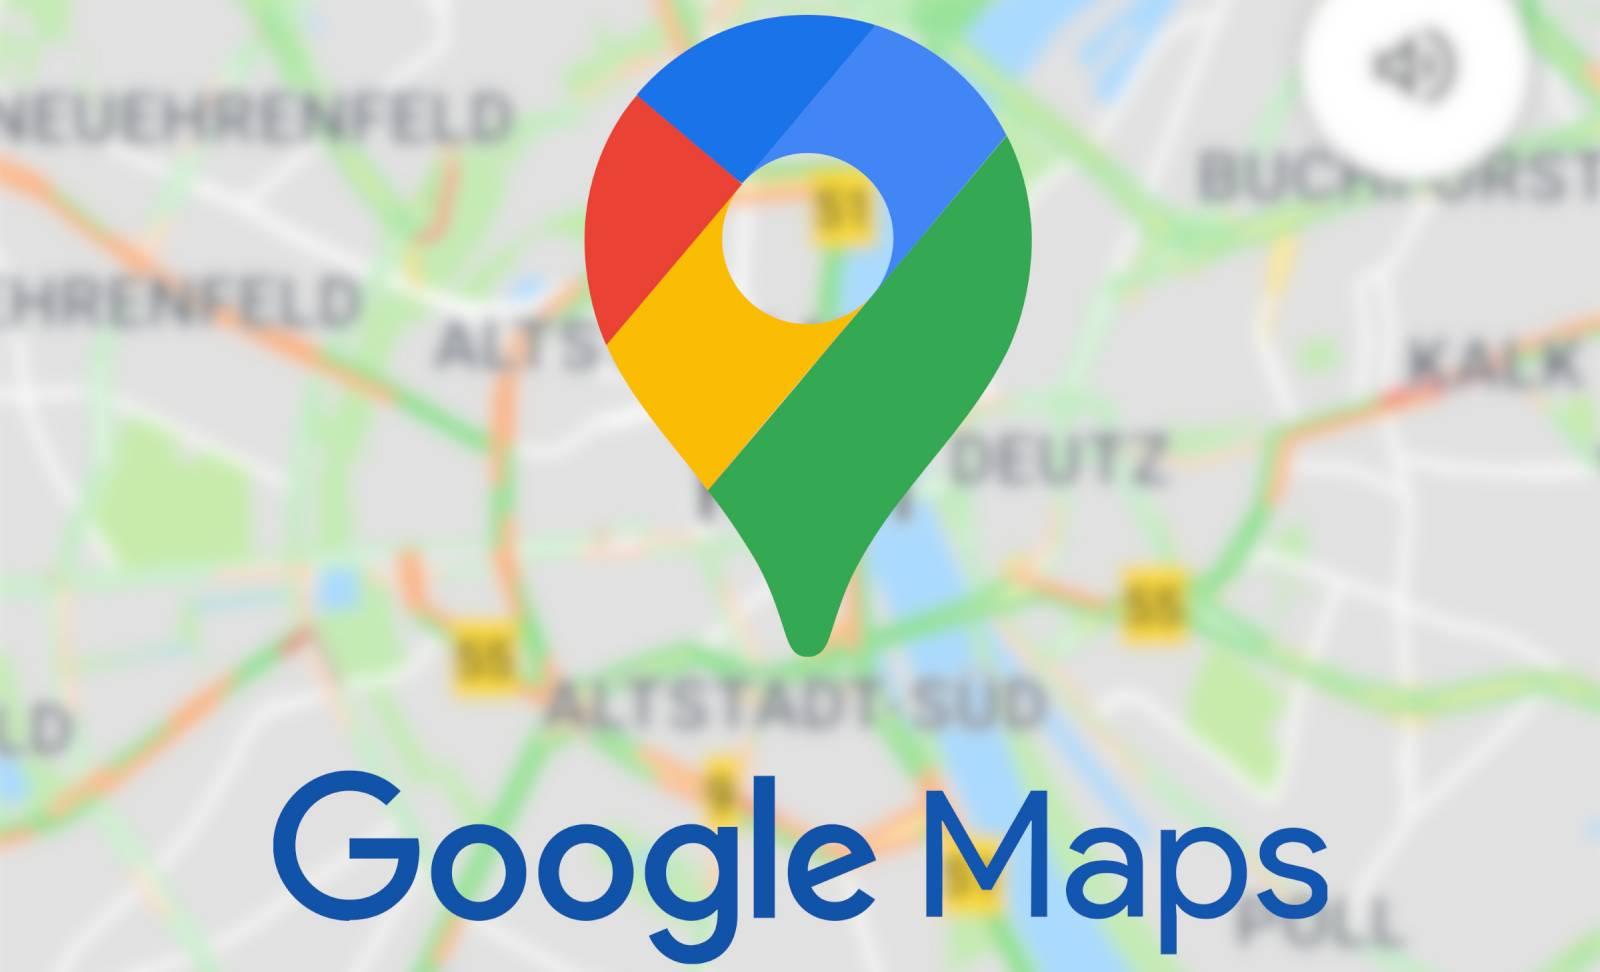 Google Maps a Actualizat cu Noutati Aplicatia pentru Telefoane, Tablete